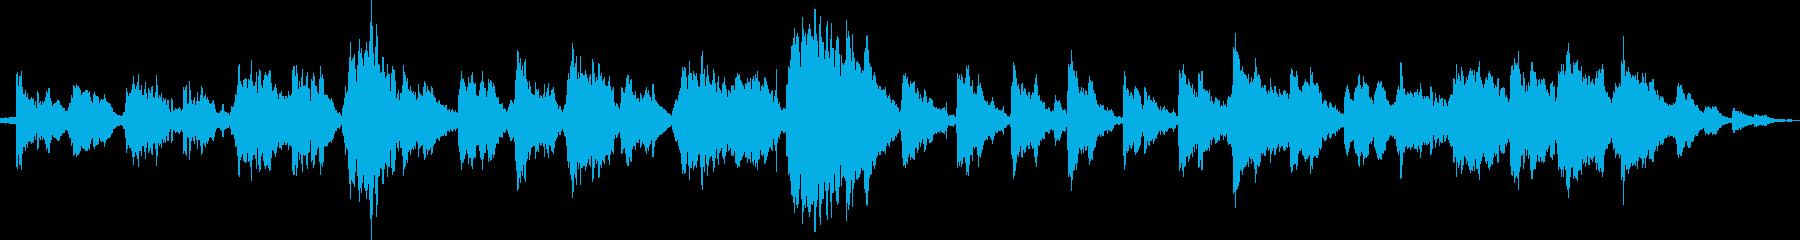 おだやかで長調の環境音楽の再生済みの波形